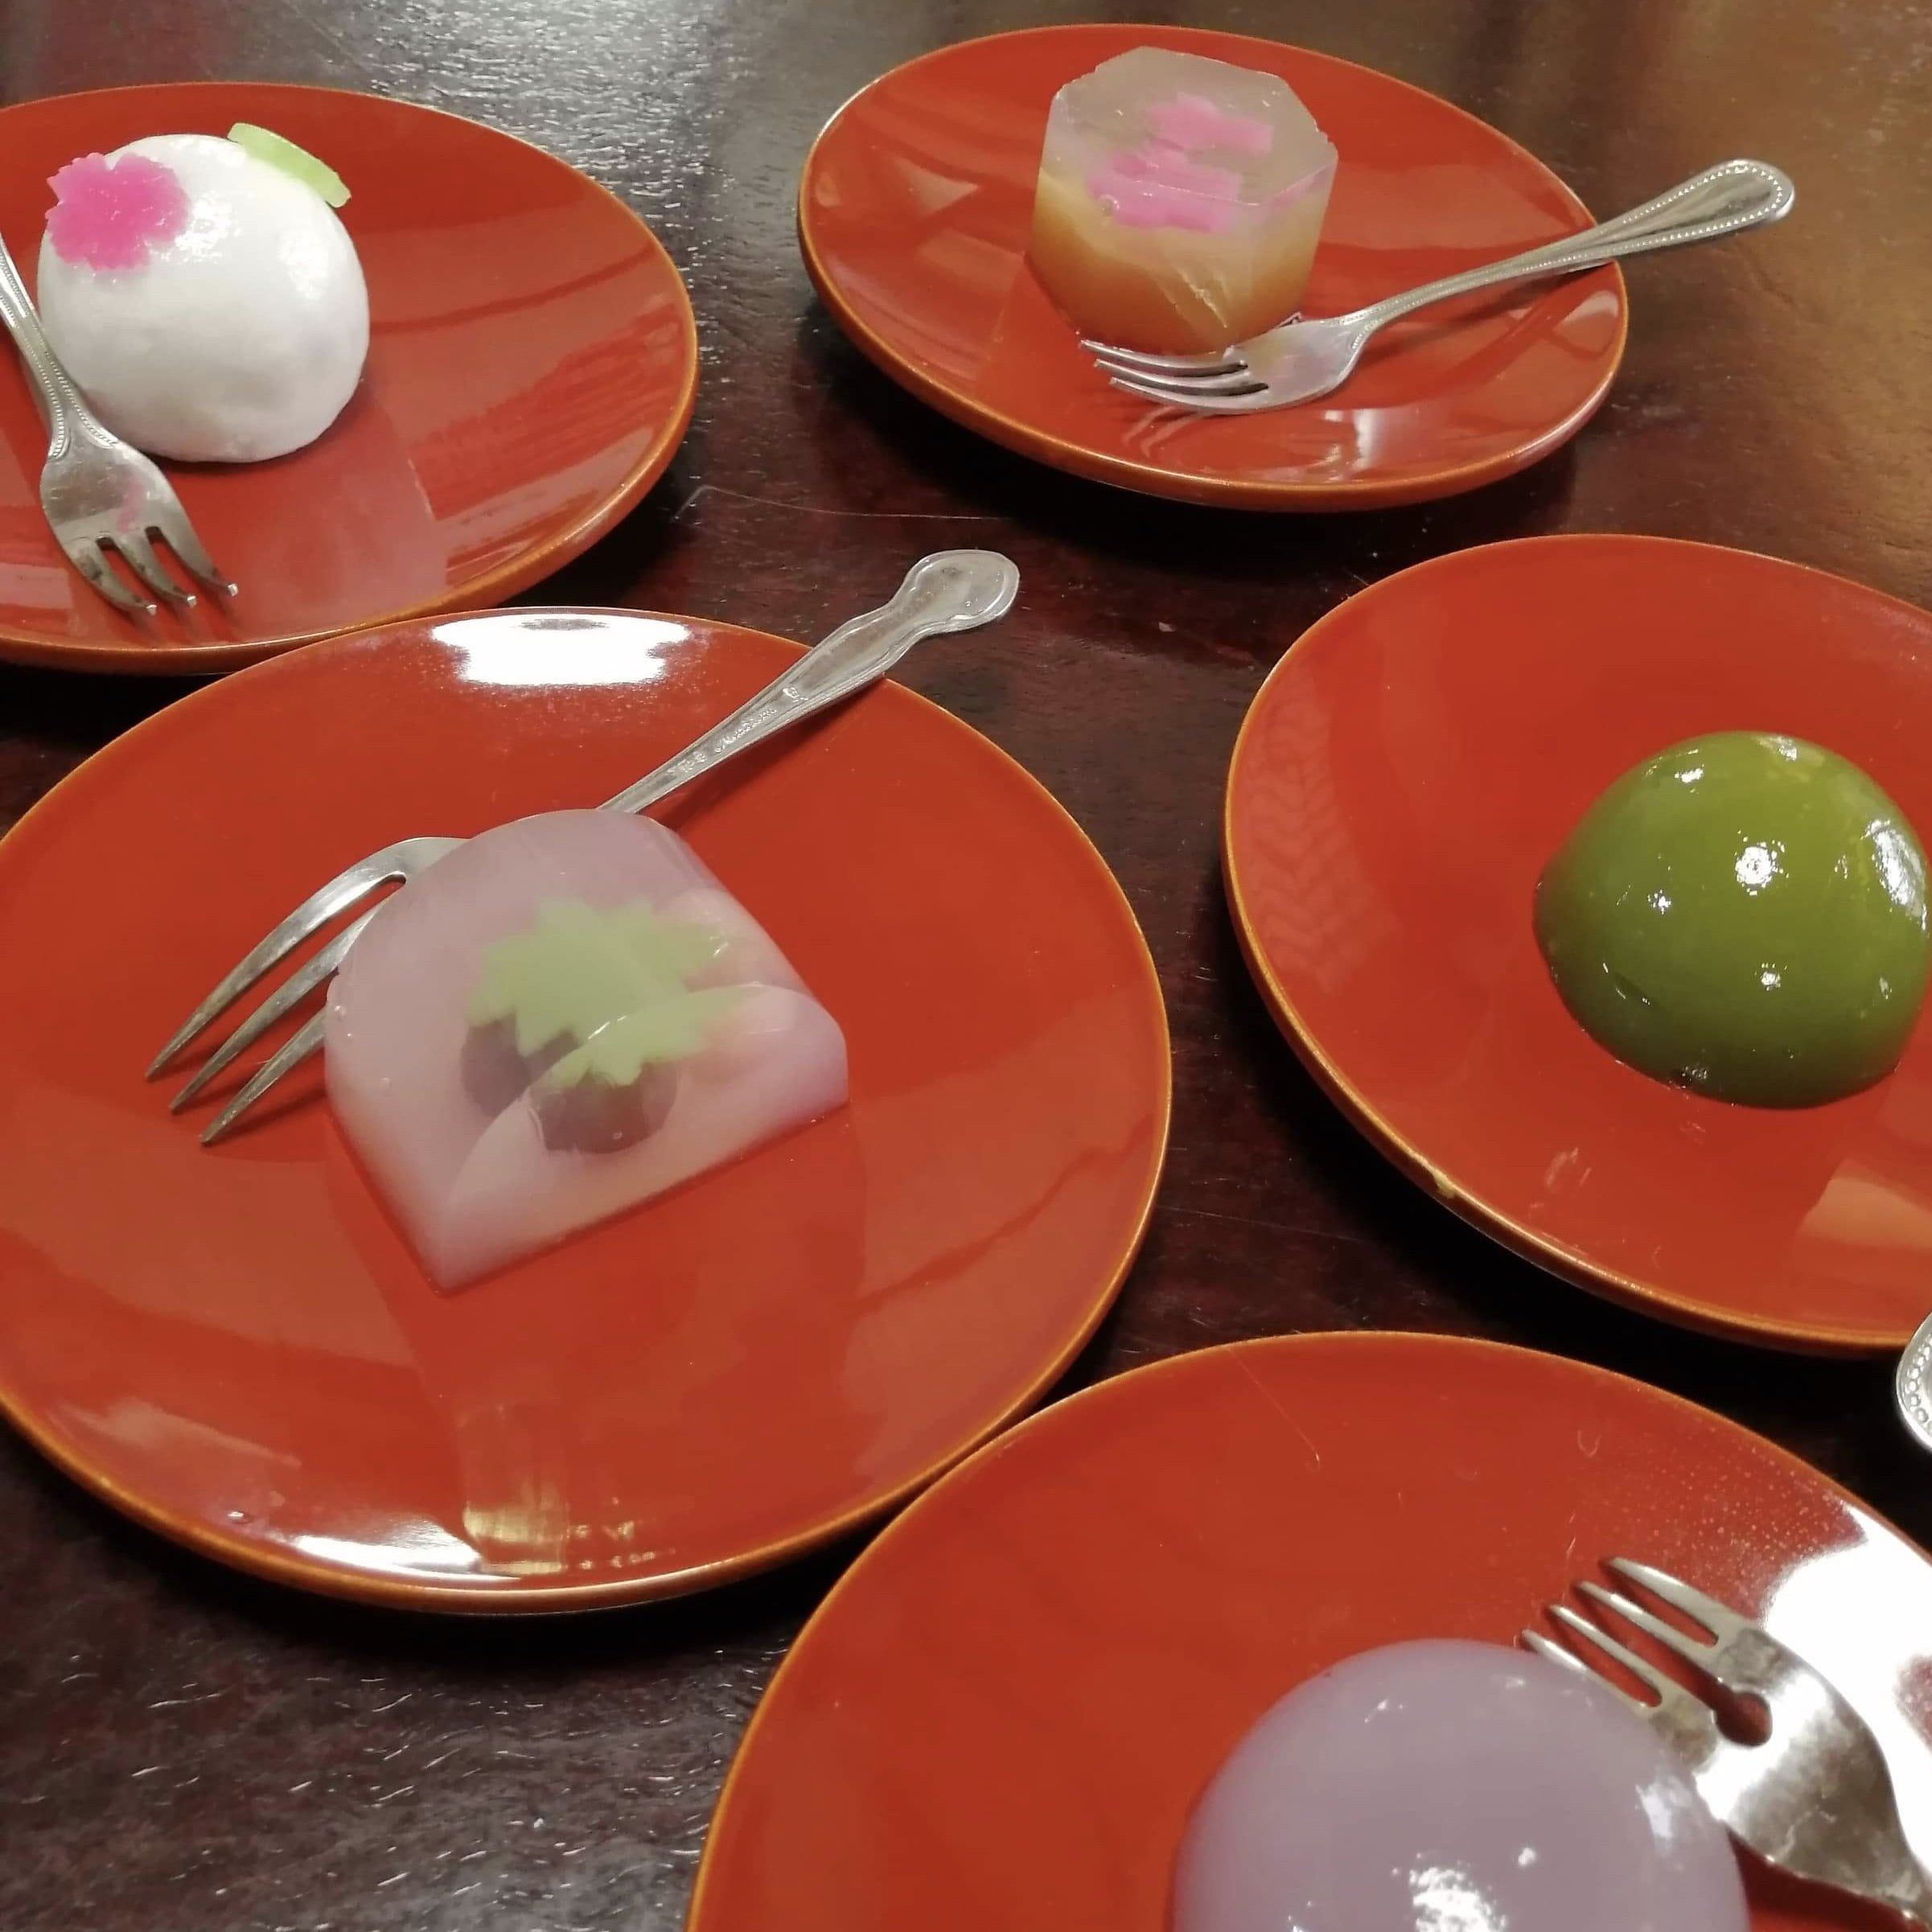 浴衣持込レッスン&お抹茶(生菓子付き)チケットのイメージその1